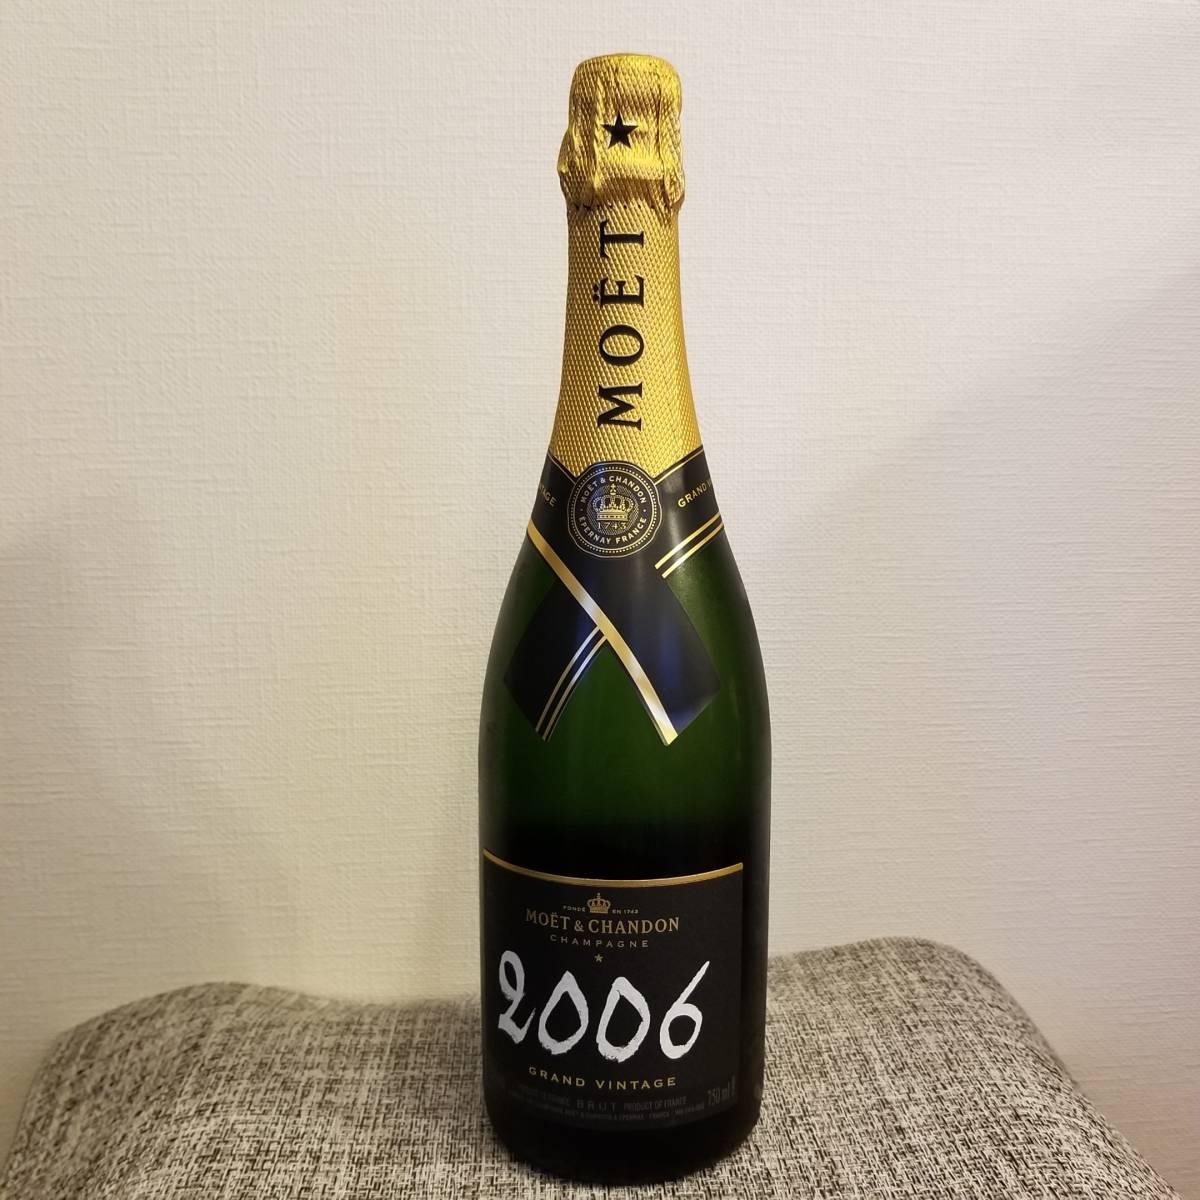 モエシャンドン グランヴィンテージ 2006 シャンパン 白 MOET&CHANDON GRAND VINTAGE